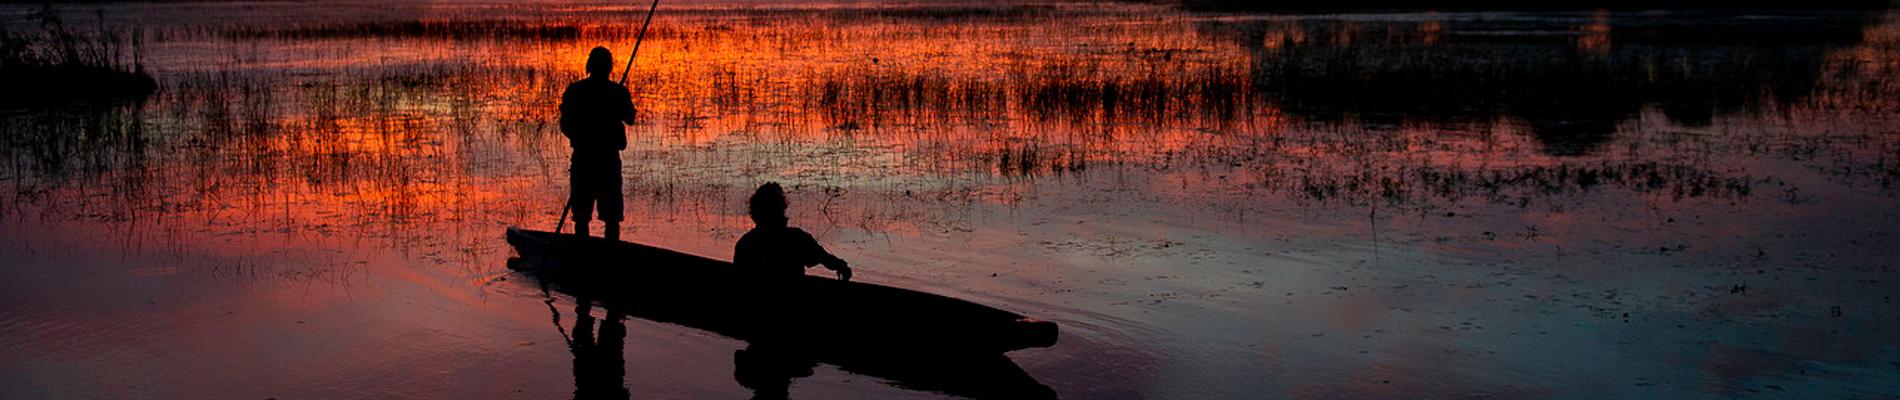 sunset-mokoro-botswana